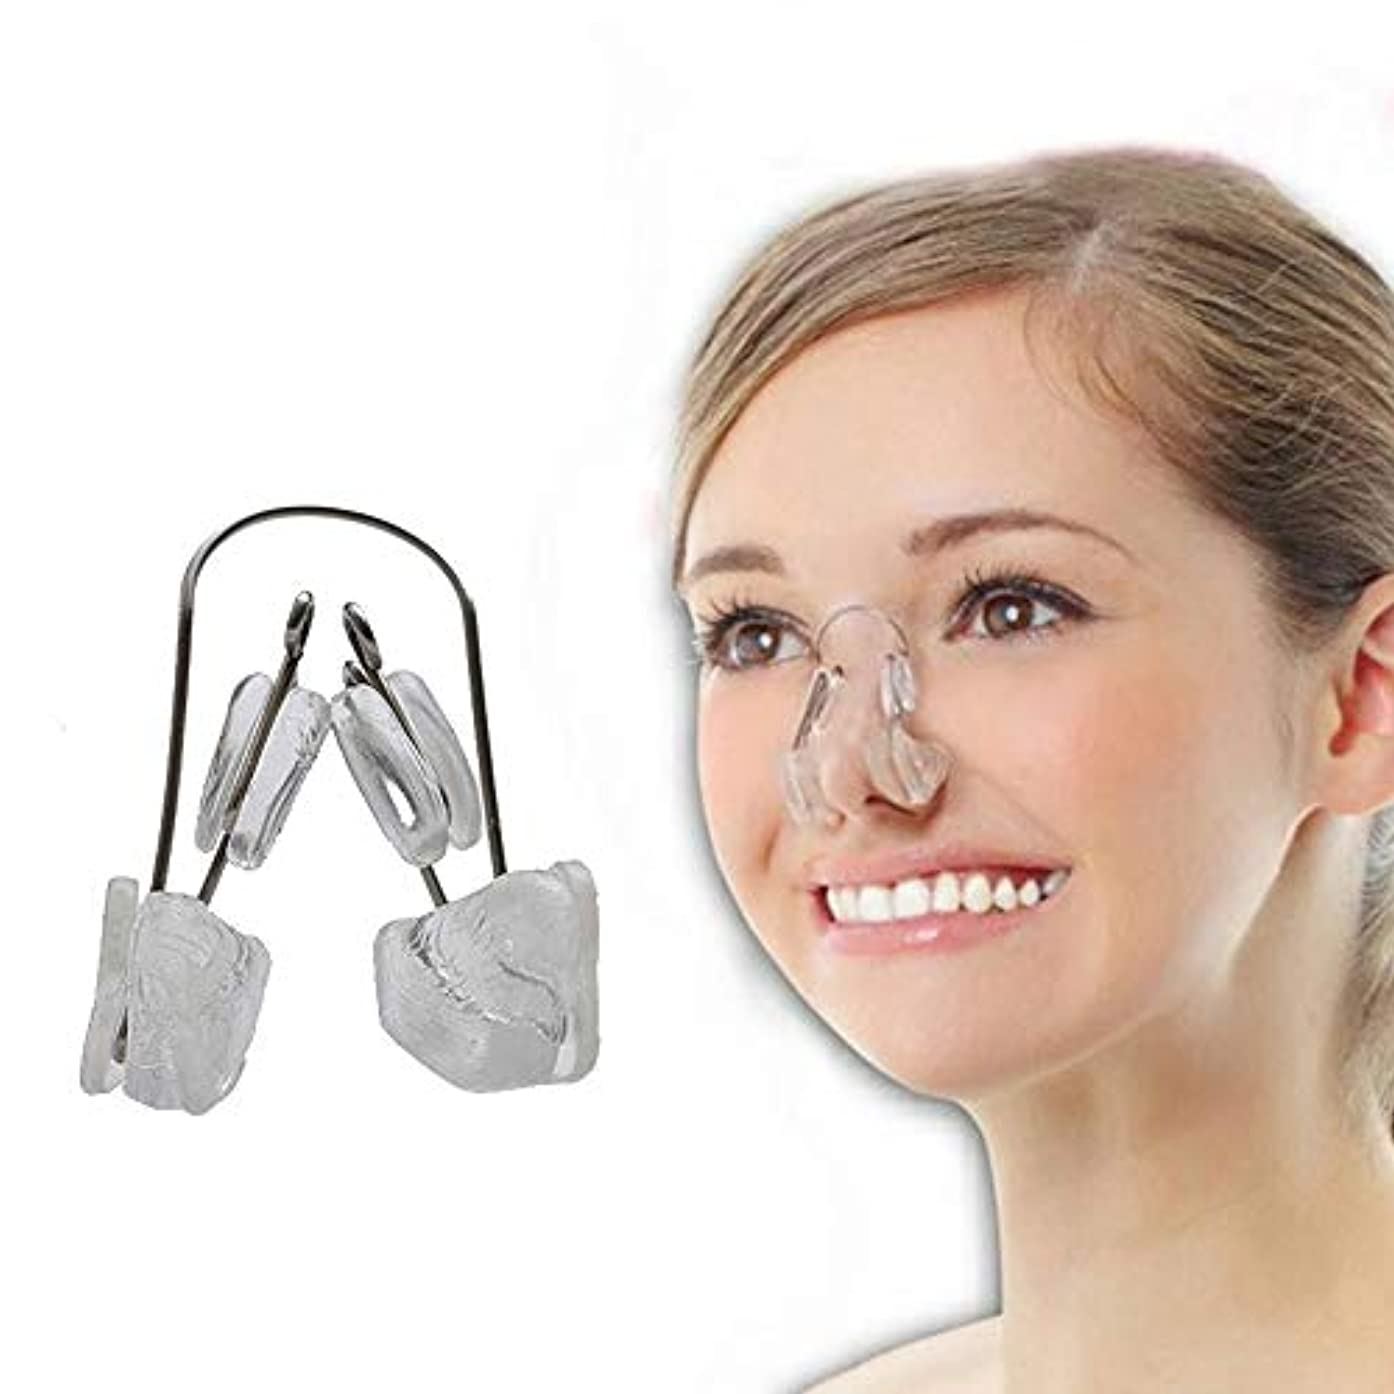 約束する足曲がったLindexs ないノーズアップピン ノーズアップピン 美鼻クリップ 鼻高く 鼻筋 矯正 (クリア)